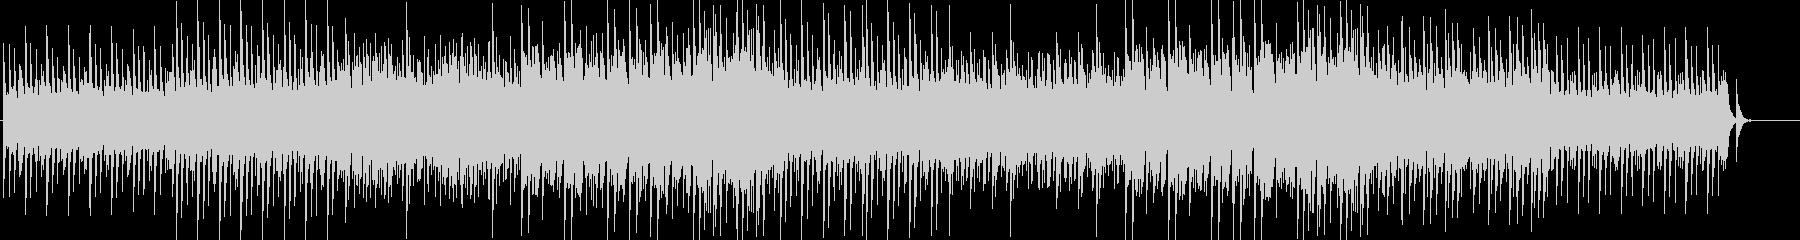 [弦なし]シンプルで洗練された雰囲気の曲の未再生の波形